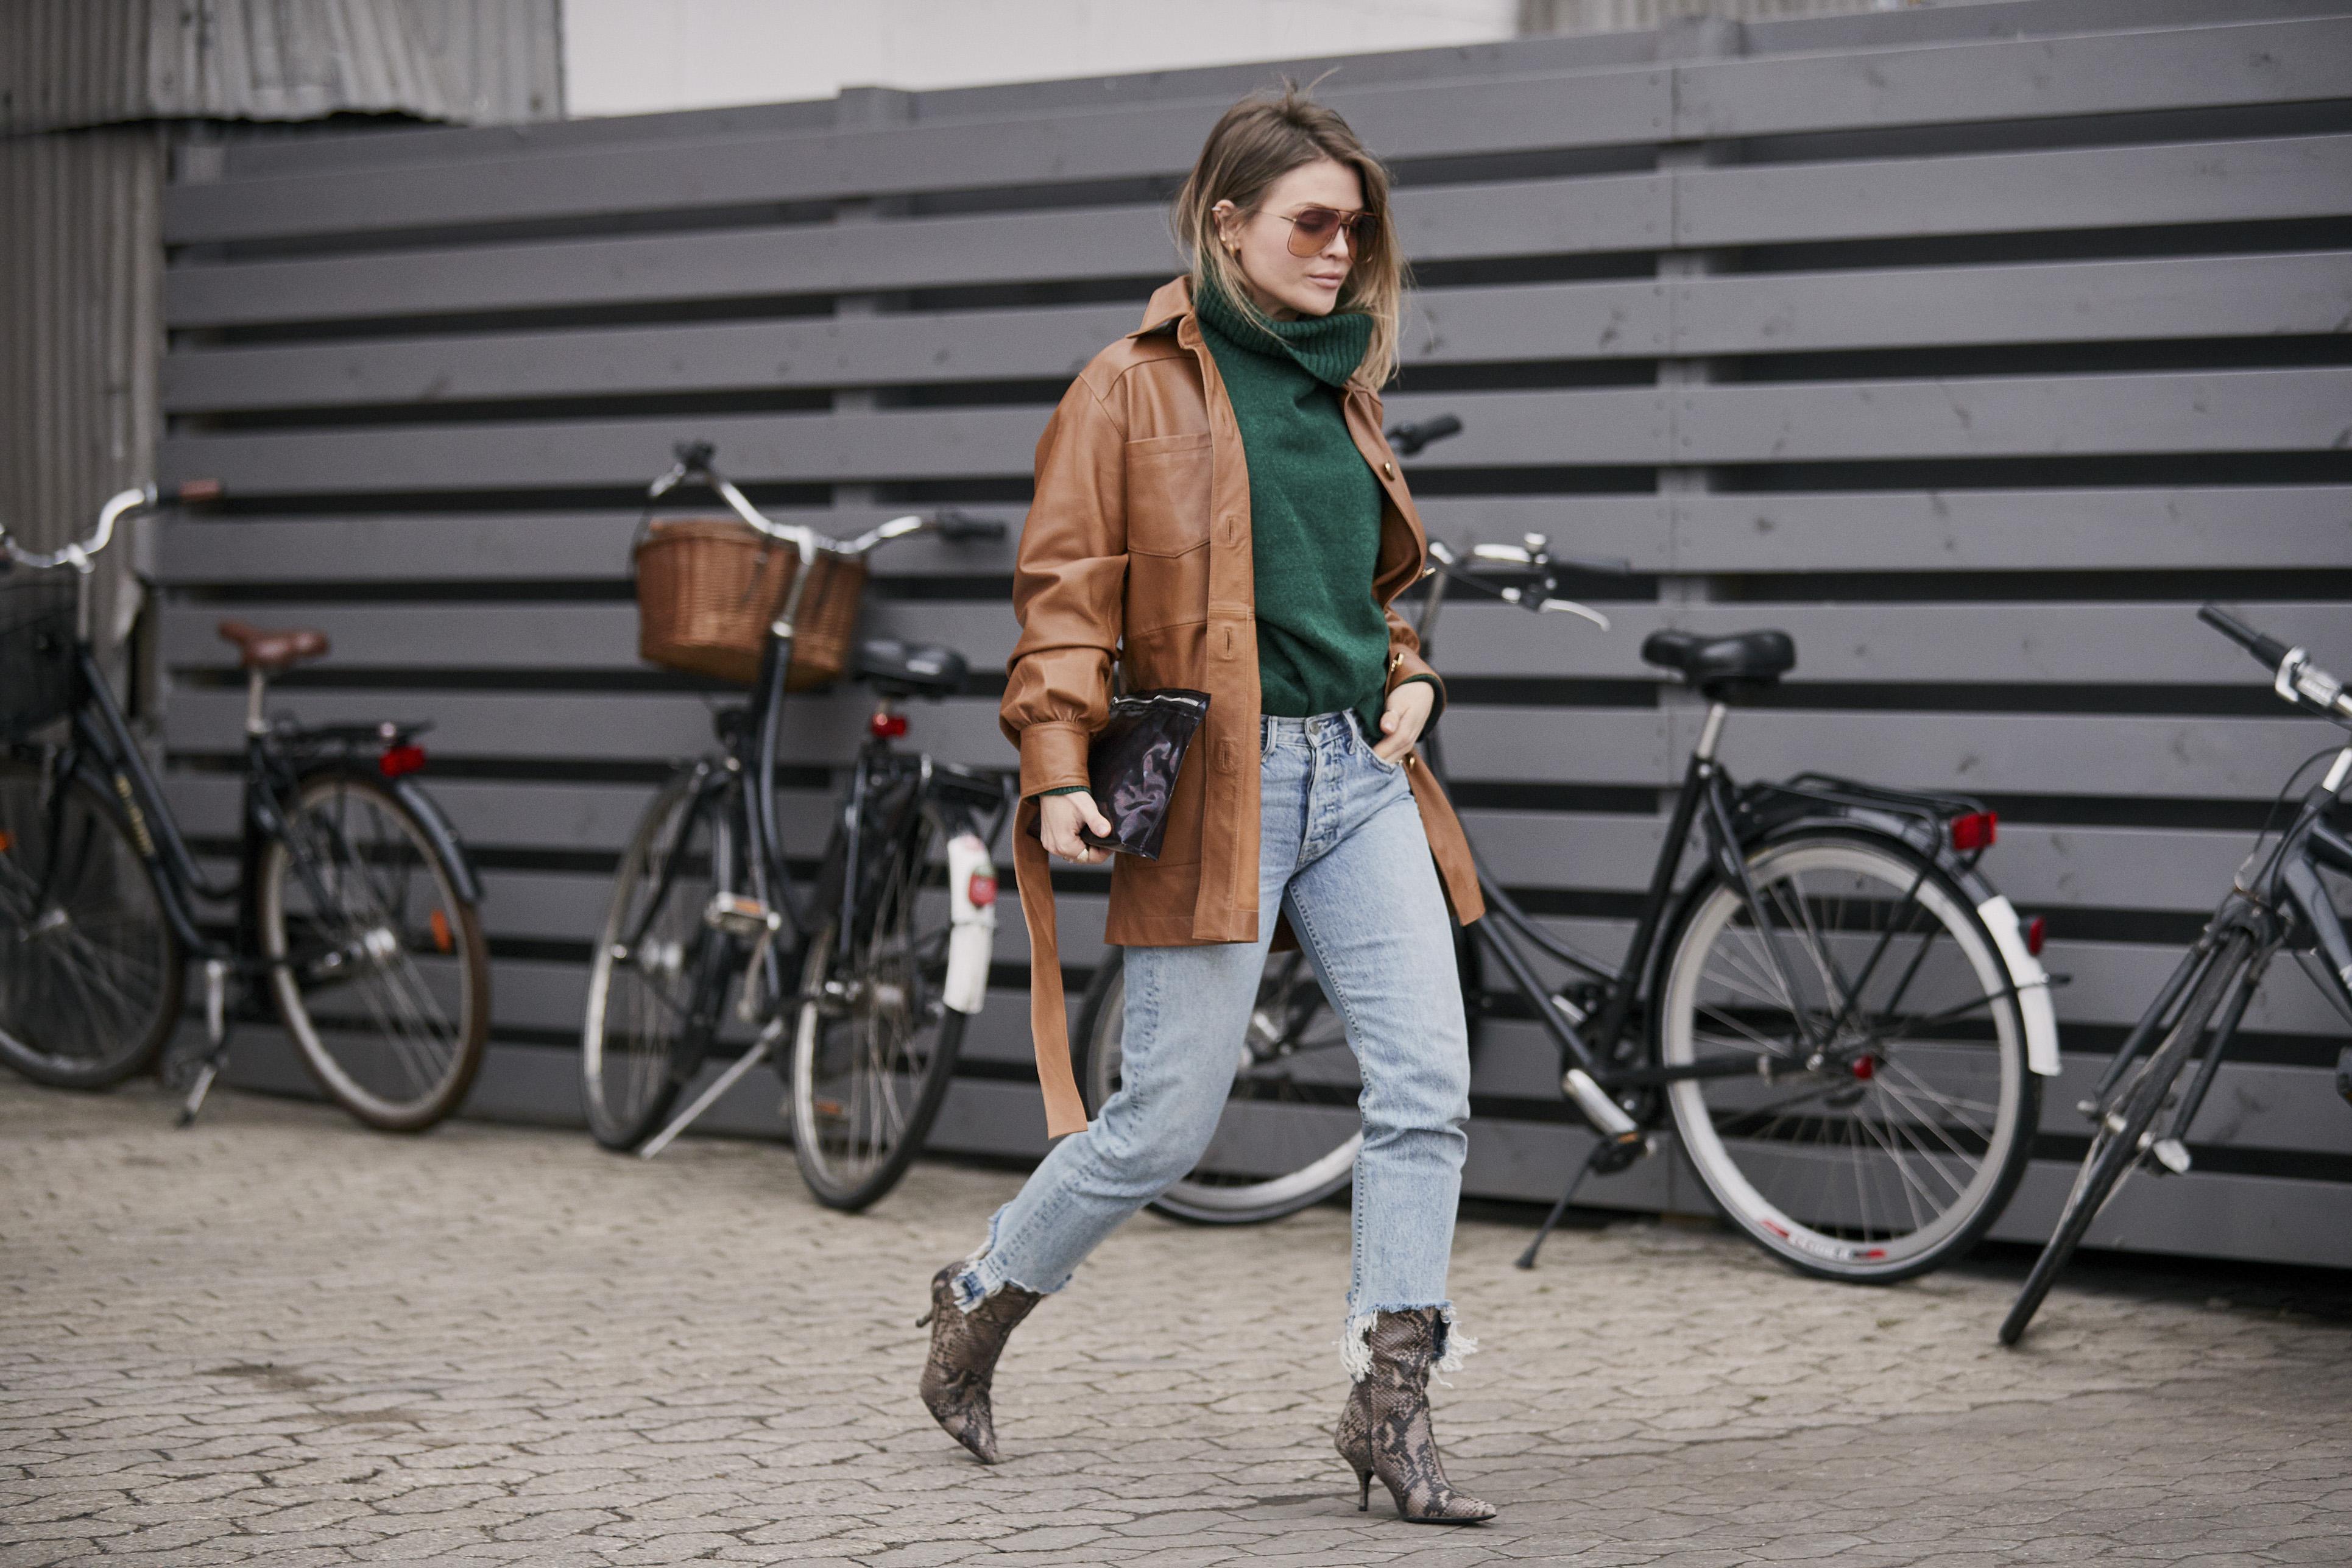 Συμβουλές Στυλ: Τι ΔΕΝ πρέπει να κάνεις όταν αγοράζεις ένα νέο jean